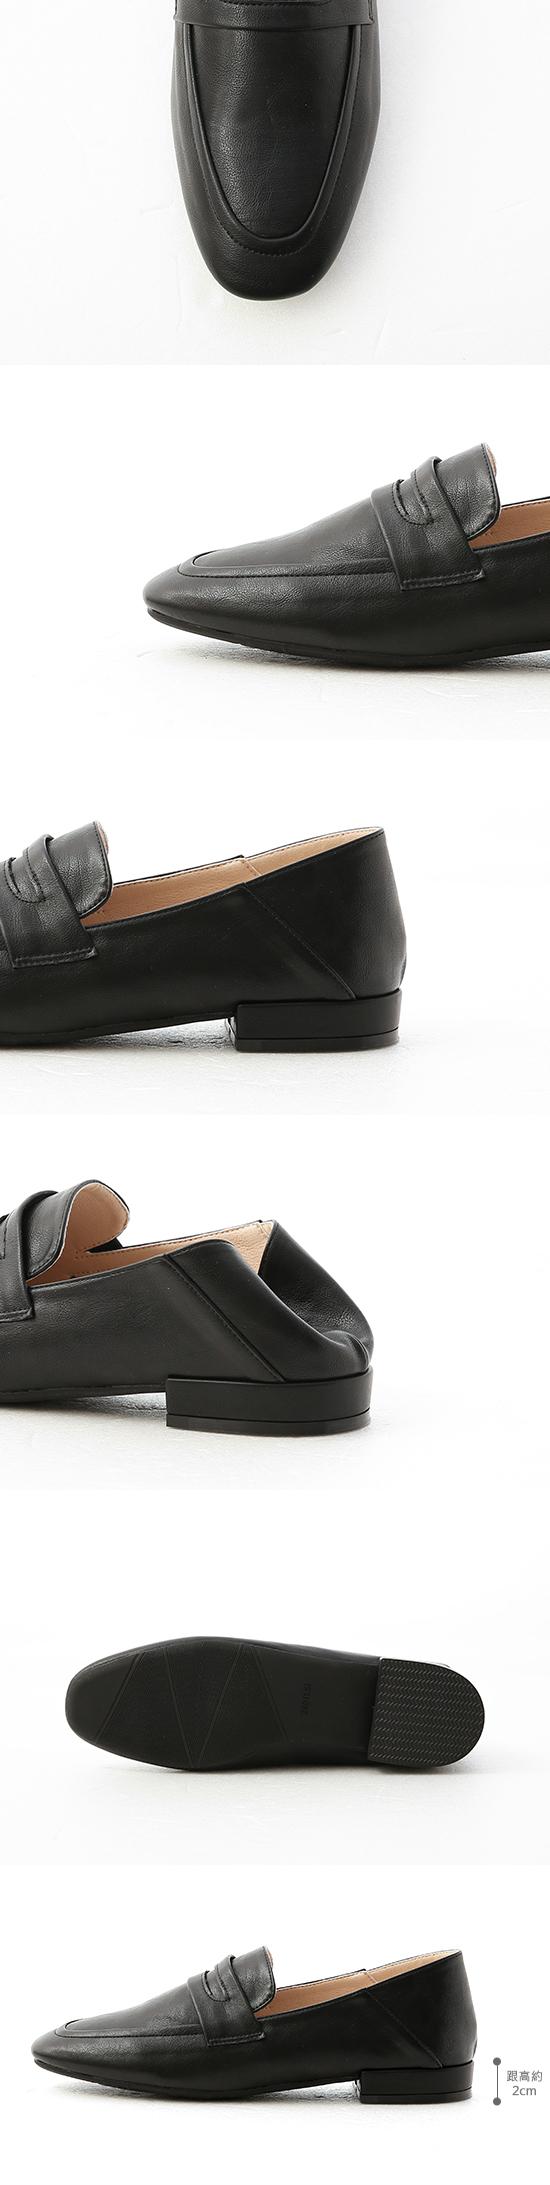 日常印象.經典款可後踩樂福鞋 時尚黑